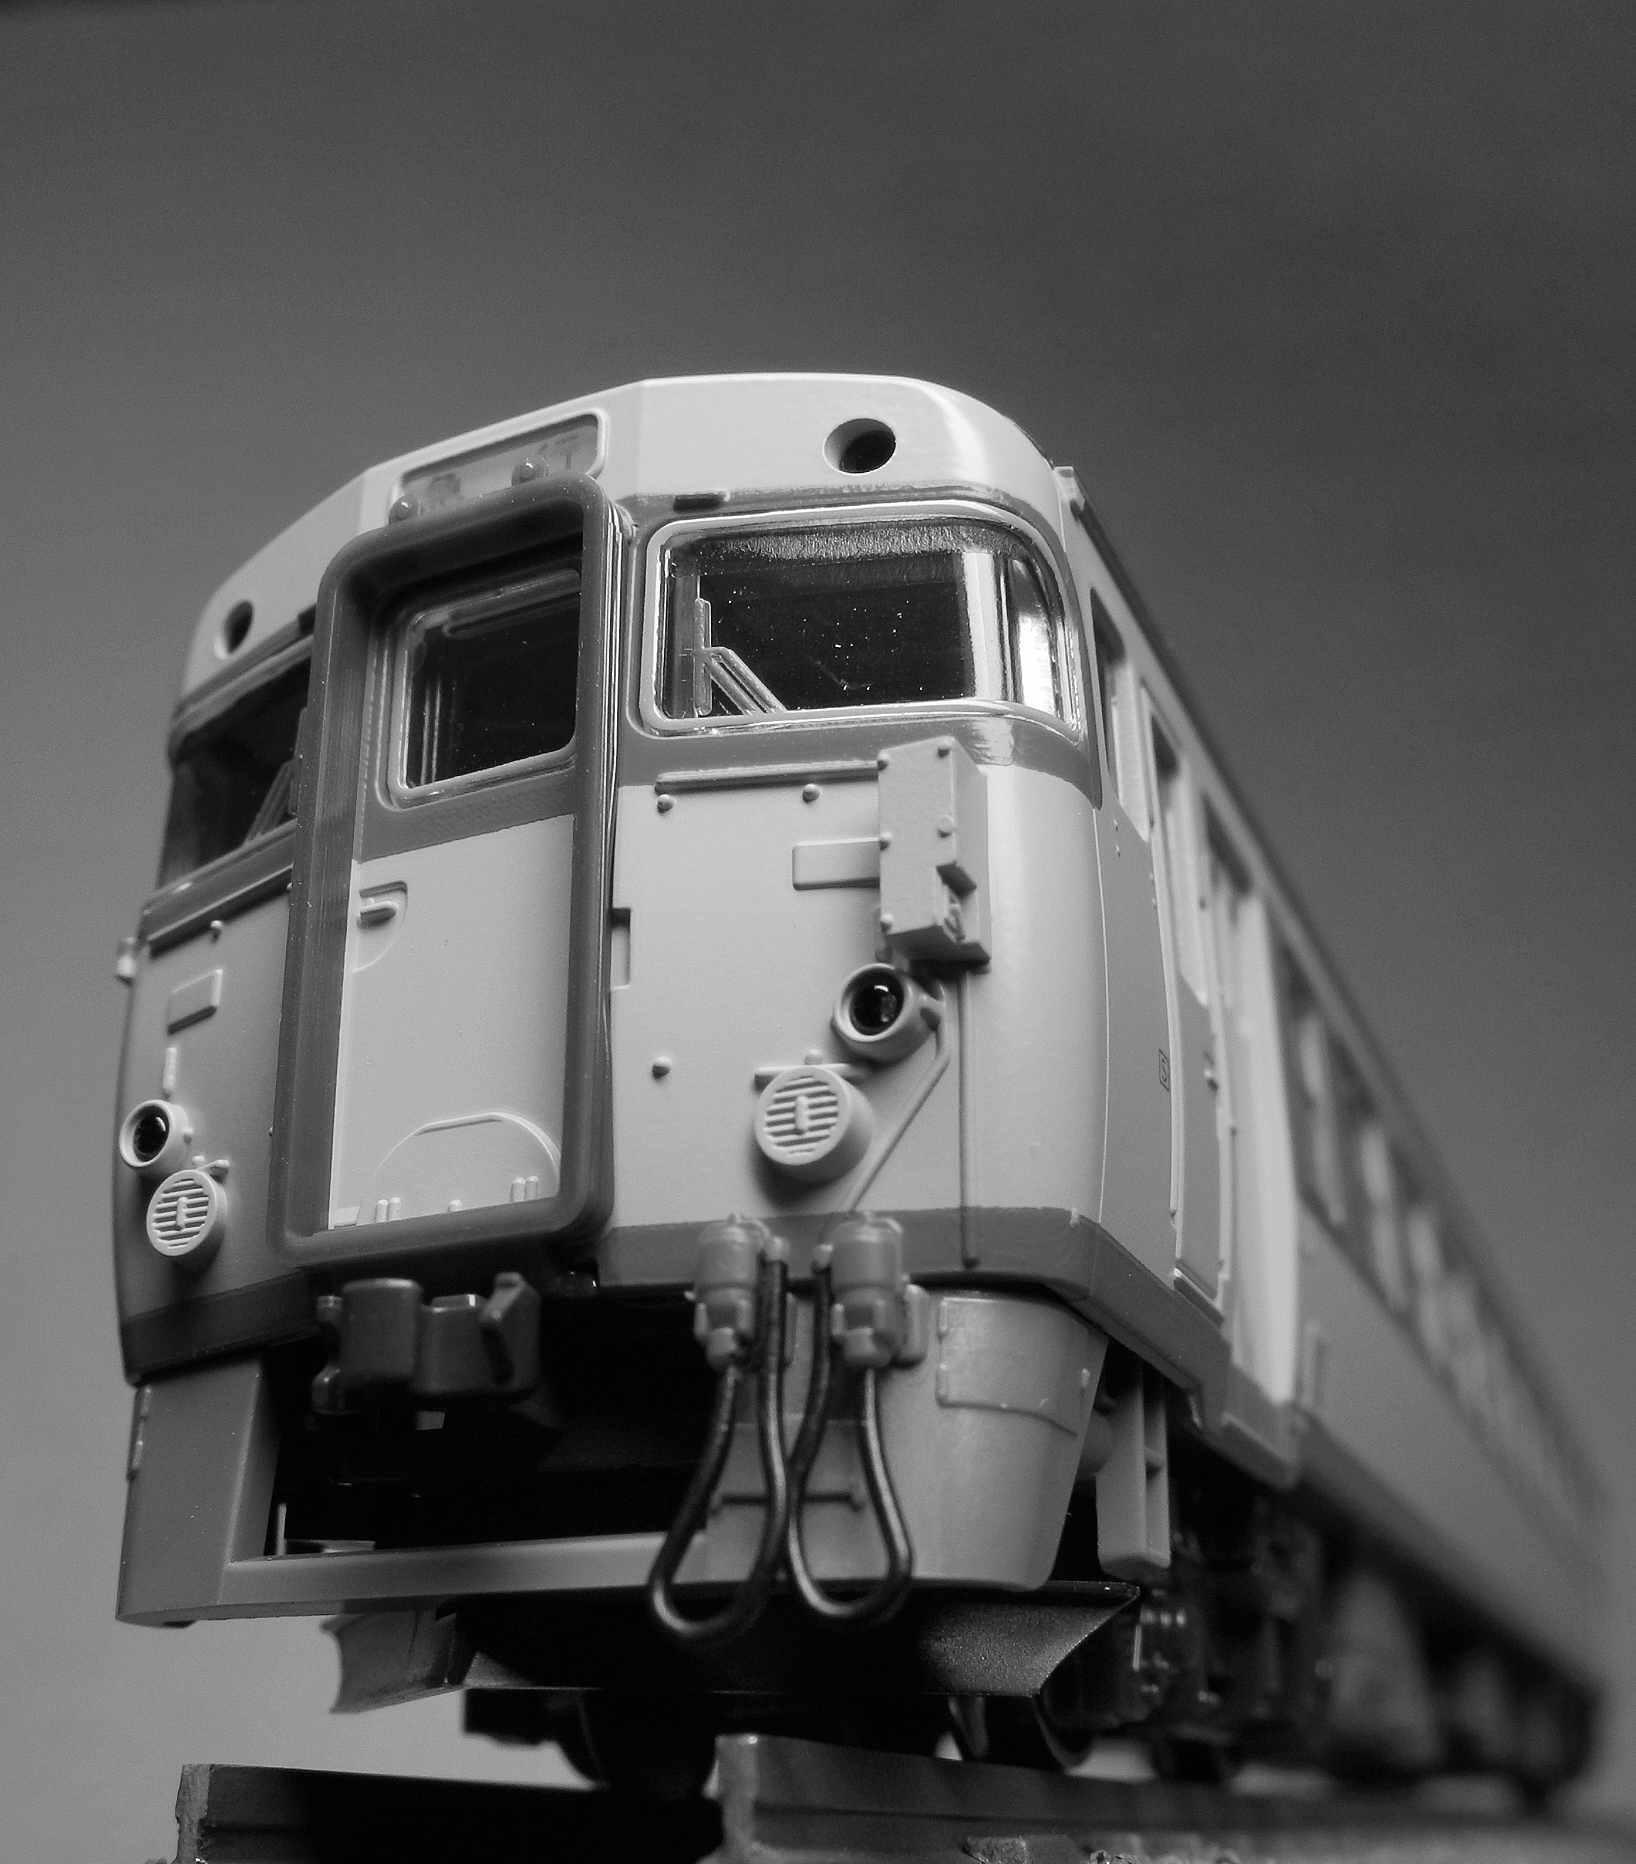 DSCN8800-2.jpg